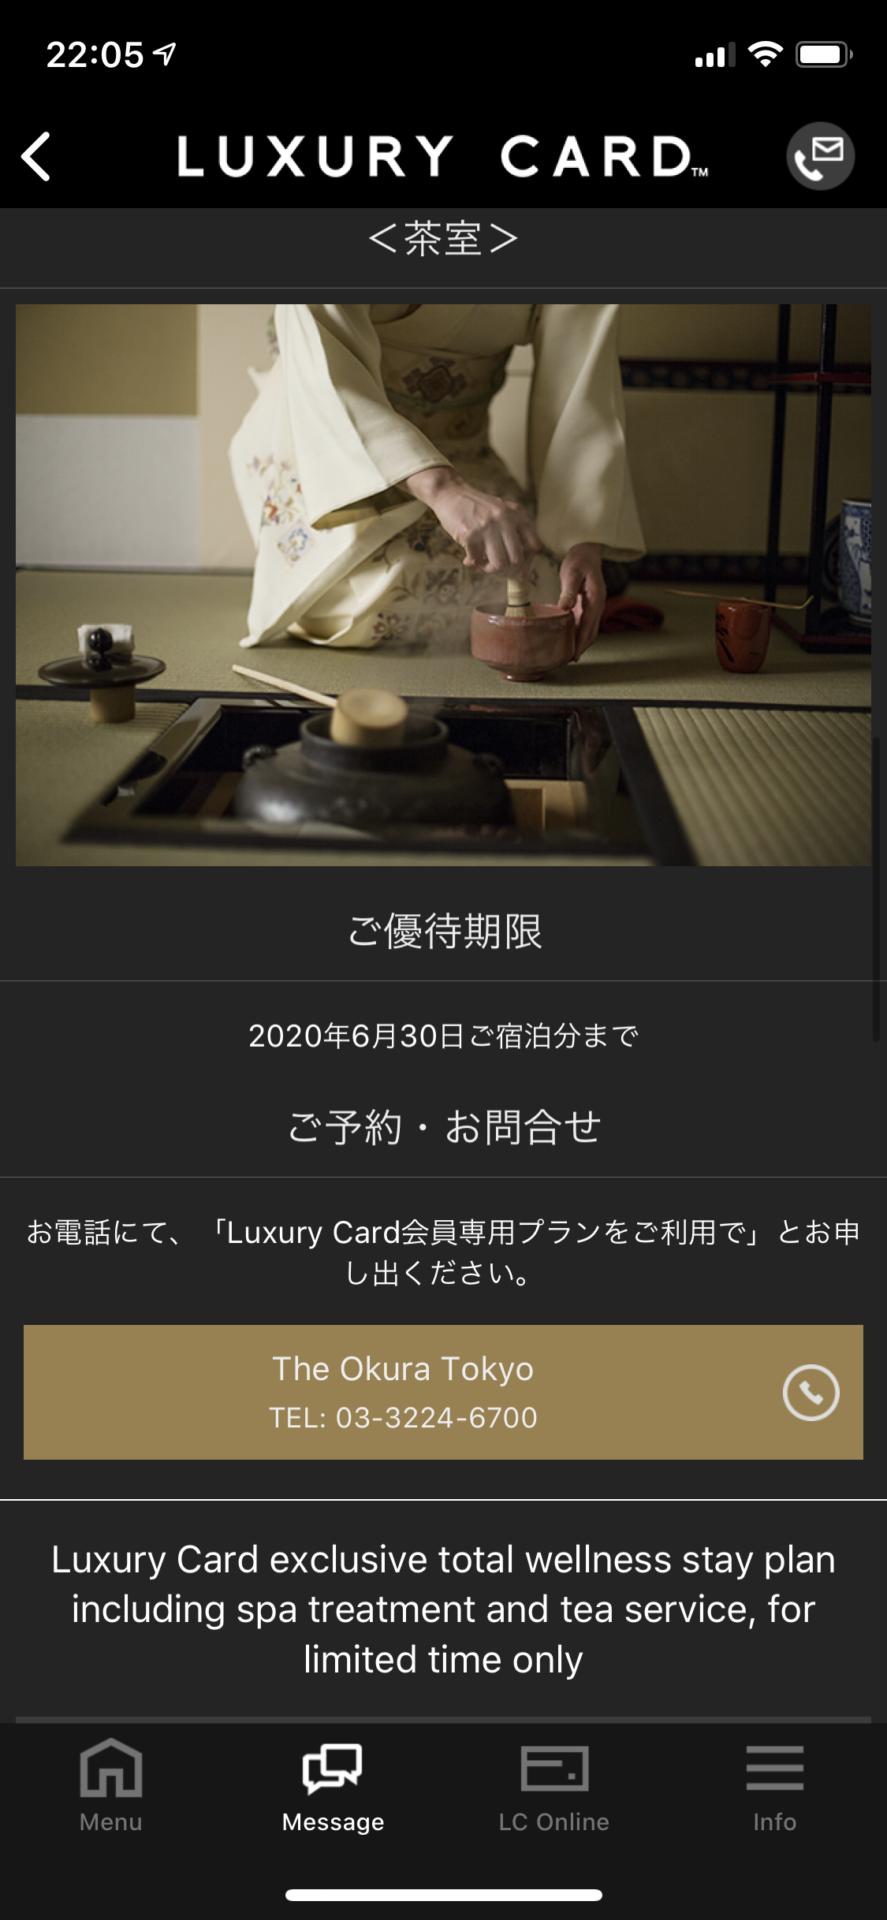 The Okura Tokyoの茶室